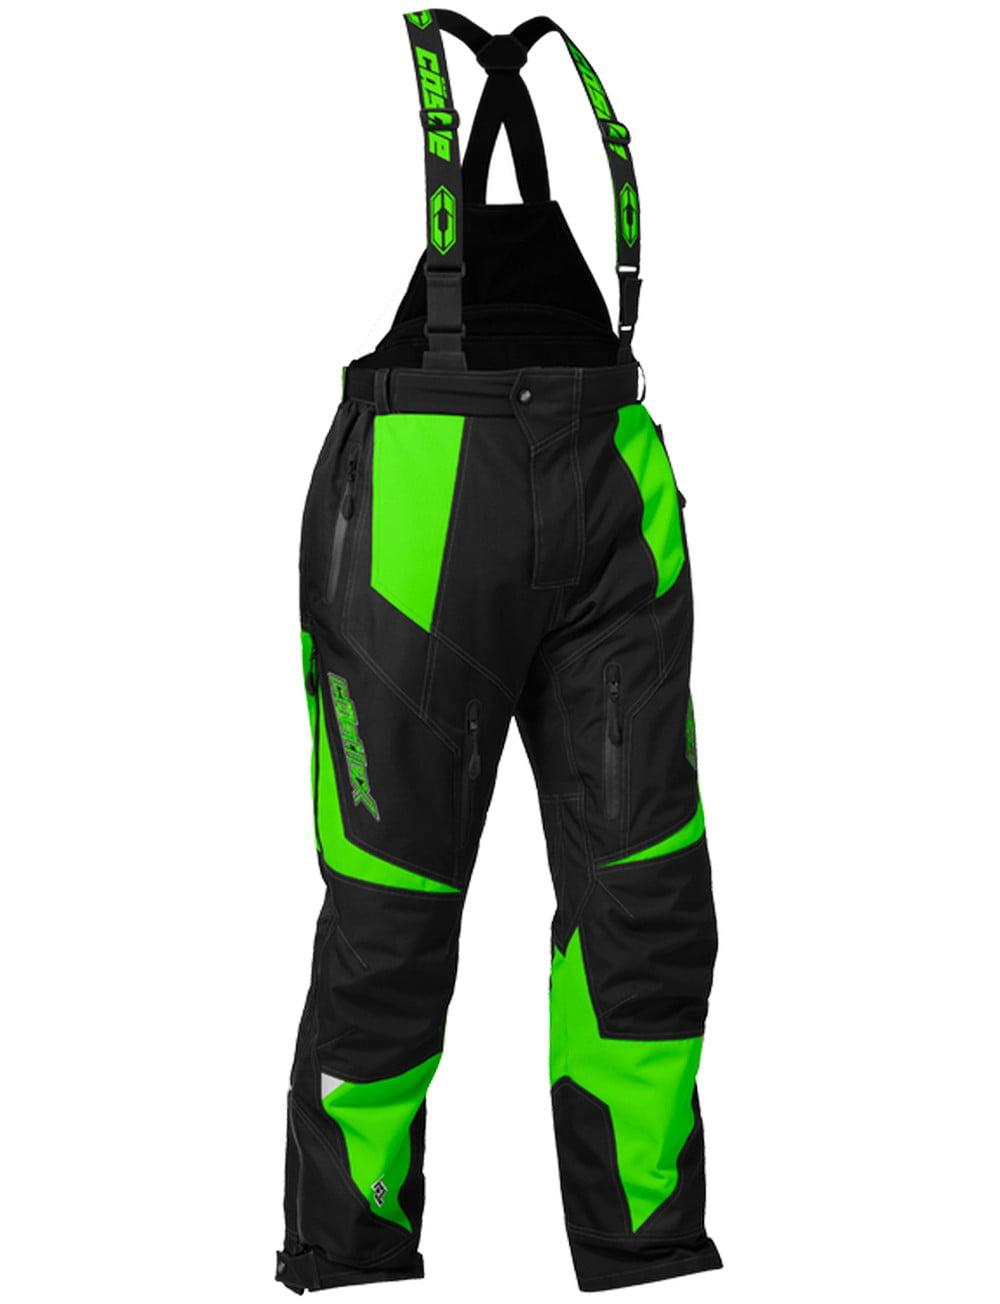 Castle X Fuel G6 Mens Snowmobile Bibs Green by Castle X Racewear